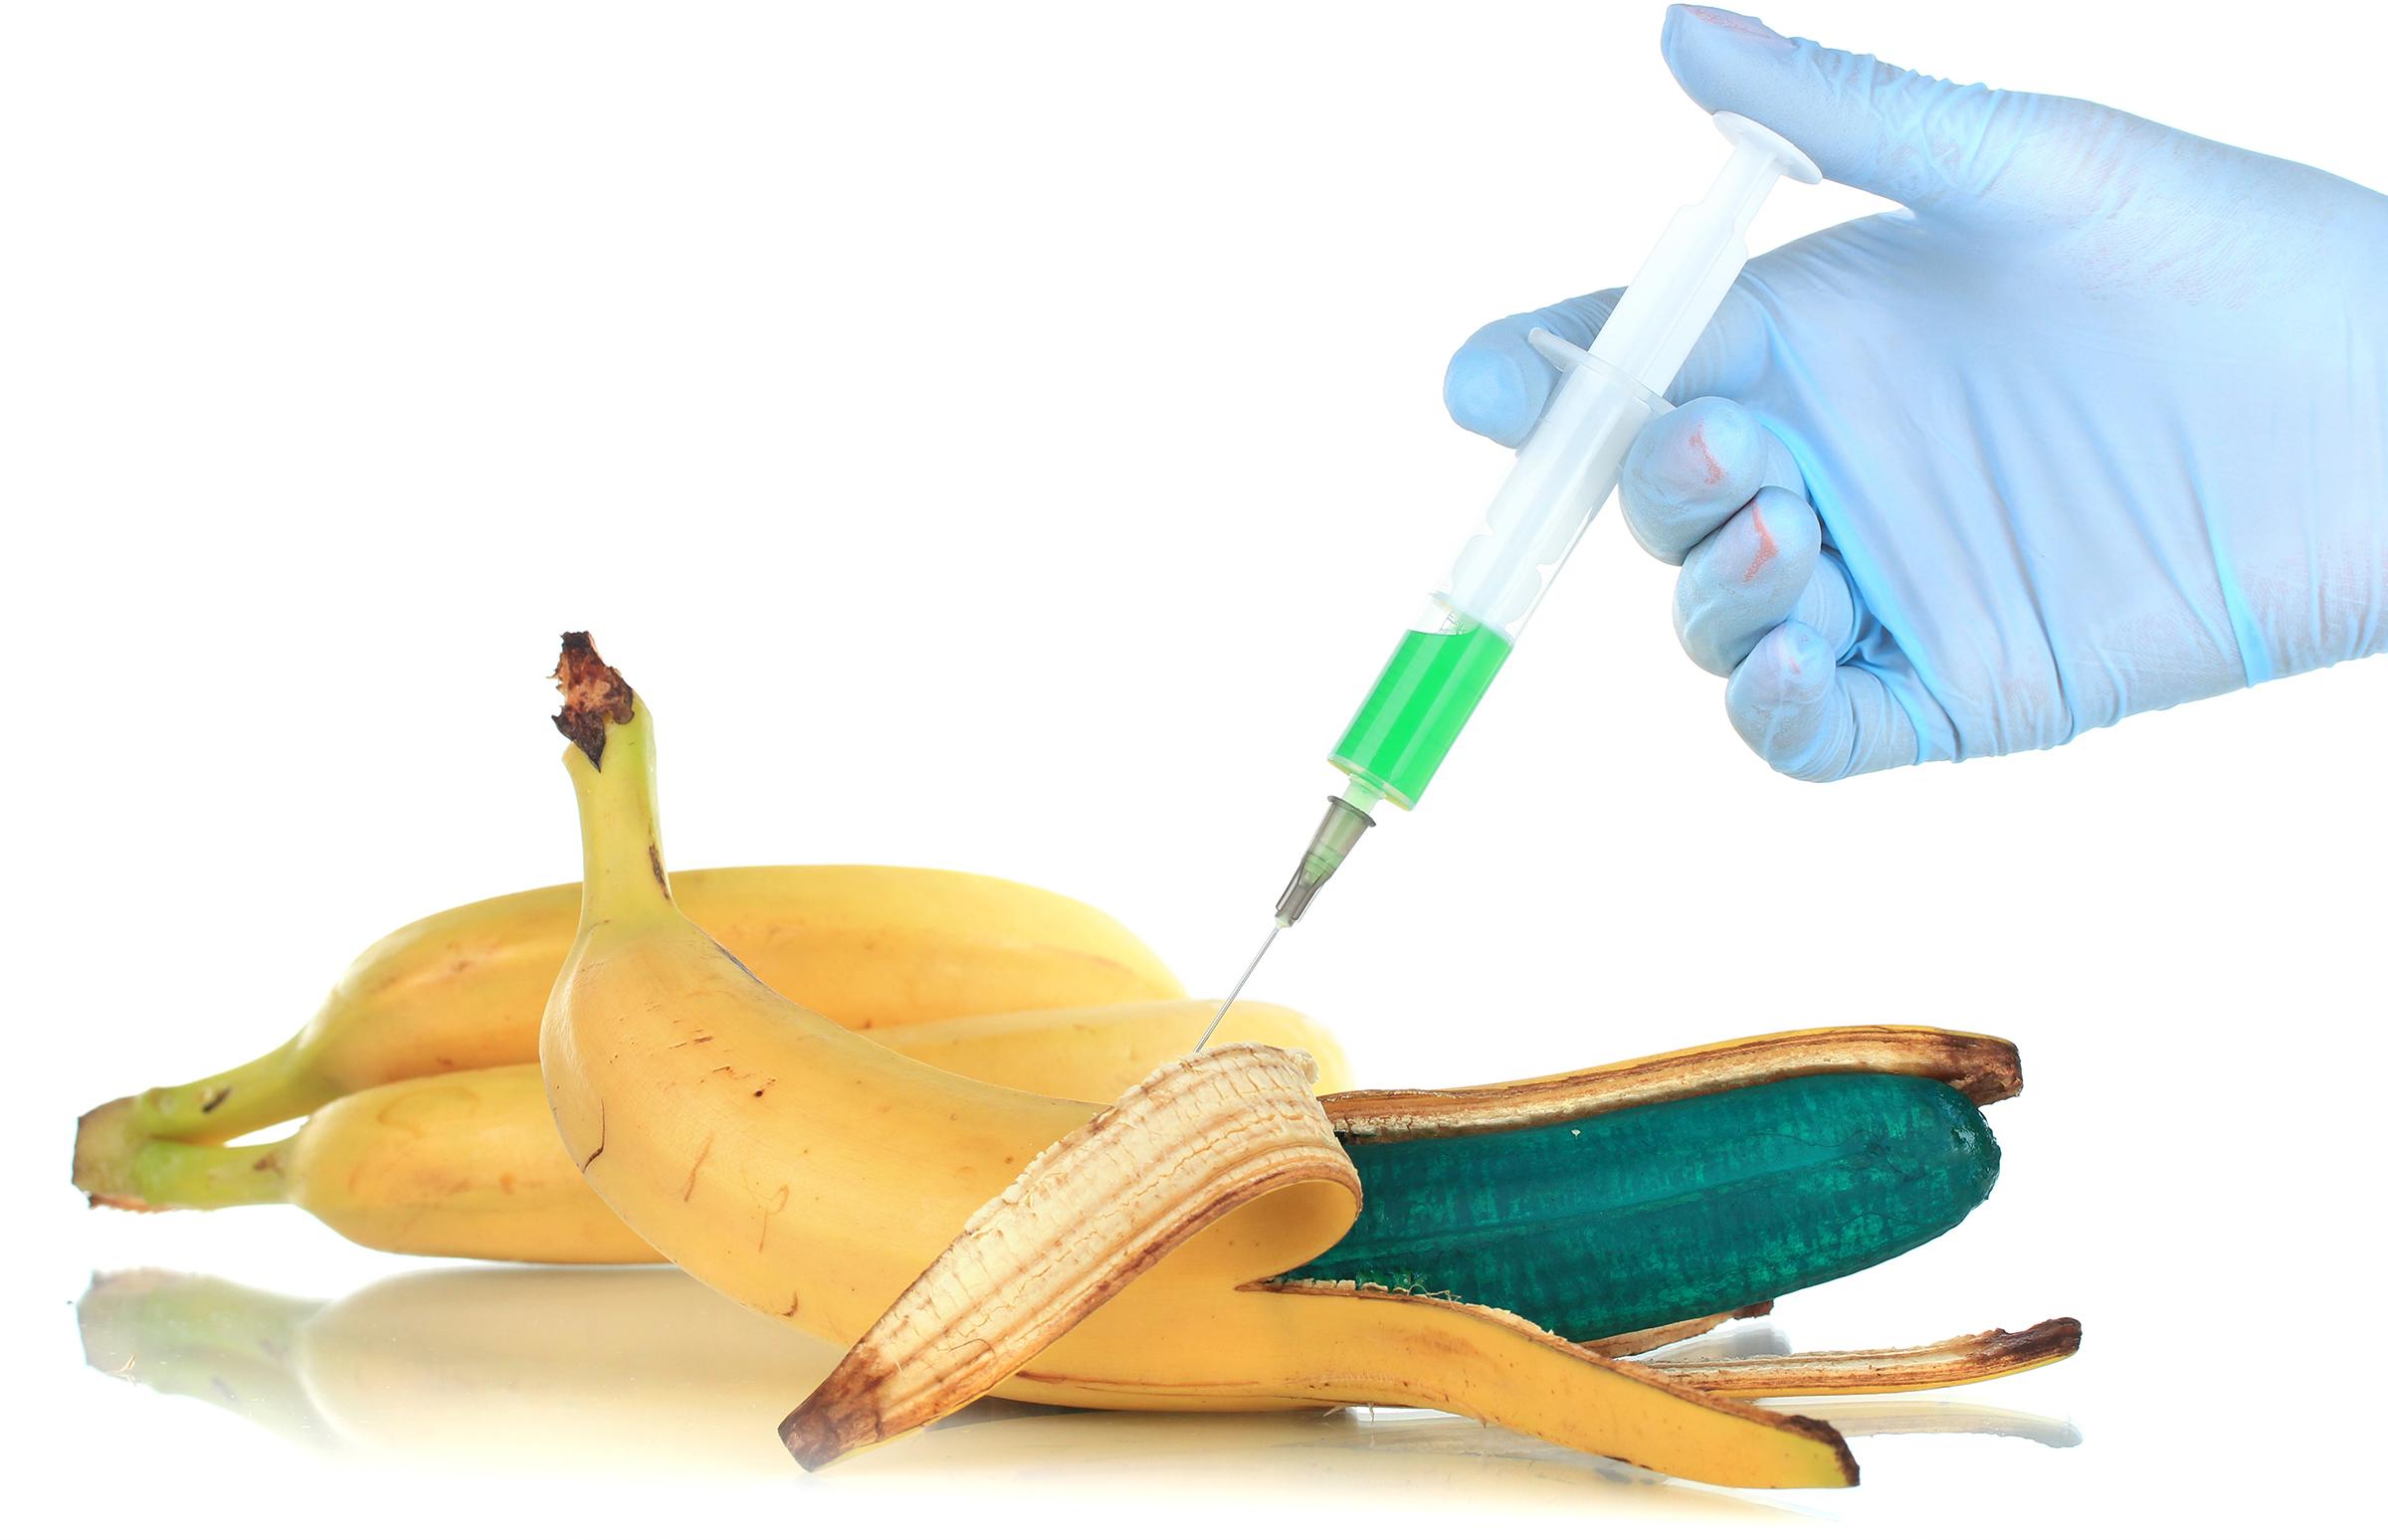 ГЕНЕТСКИ МОДИФИЦИРАНИ ОРГАНИЗМИ (ГМО) – за или против